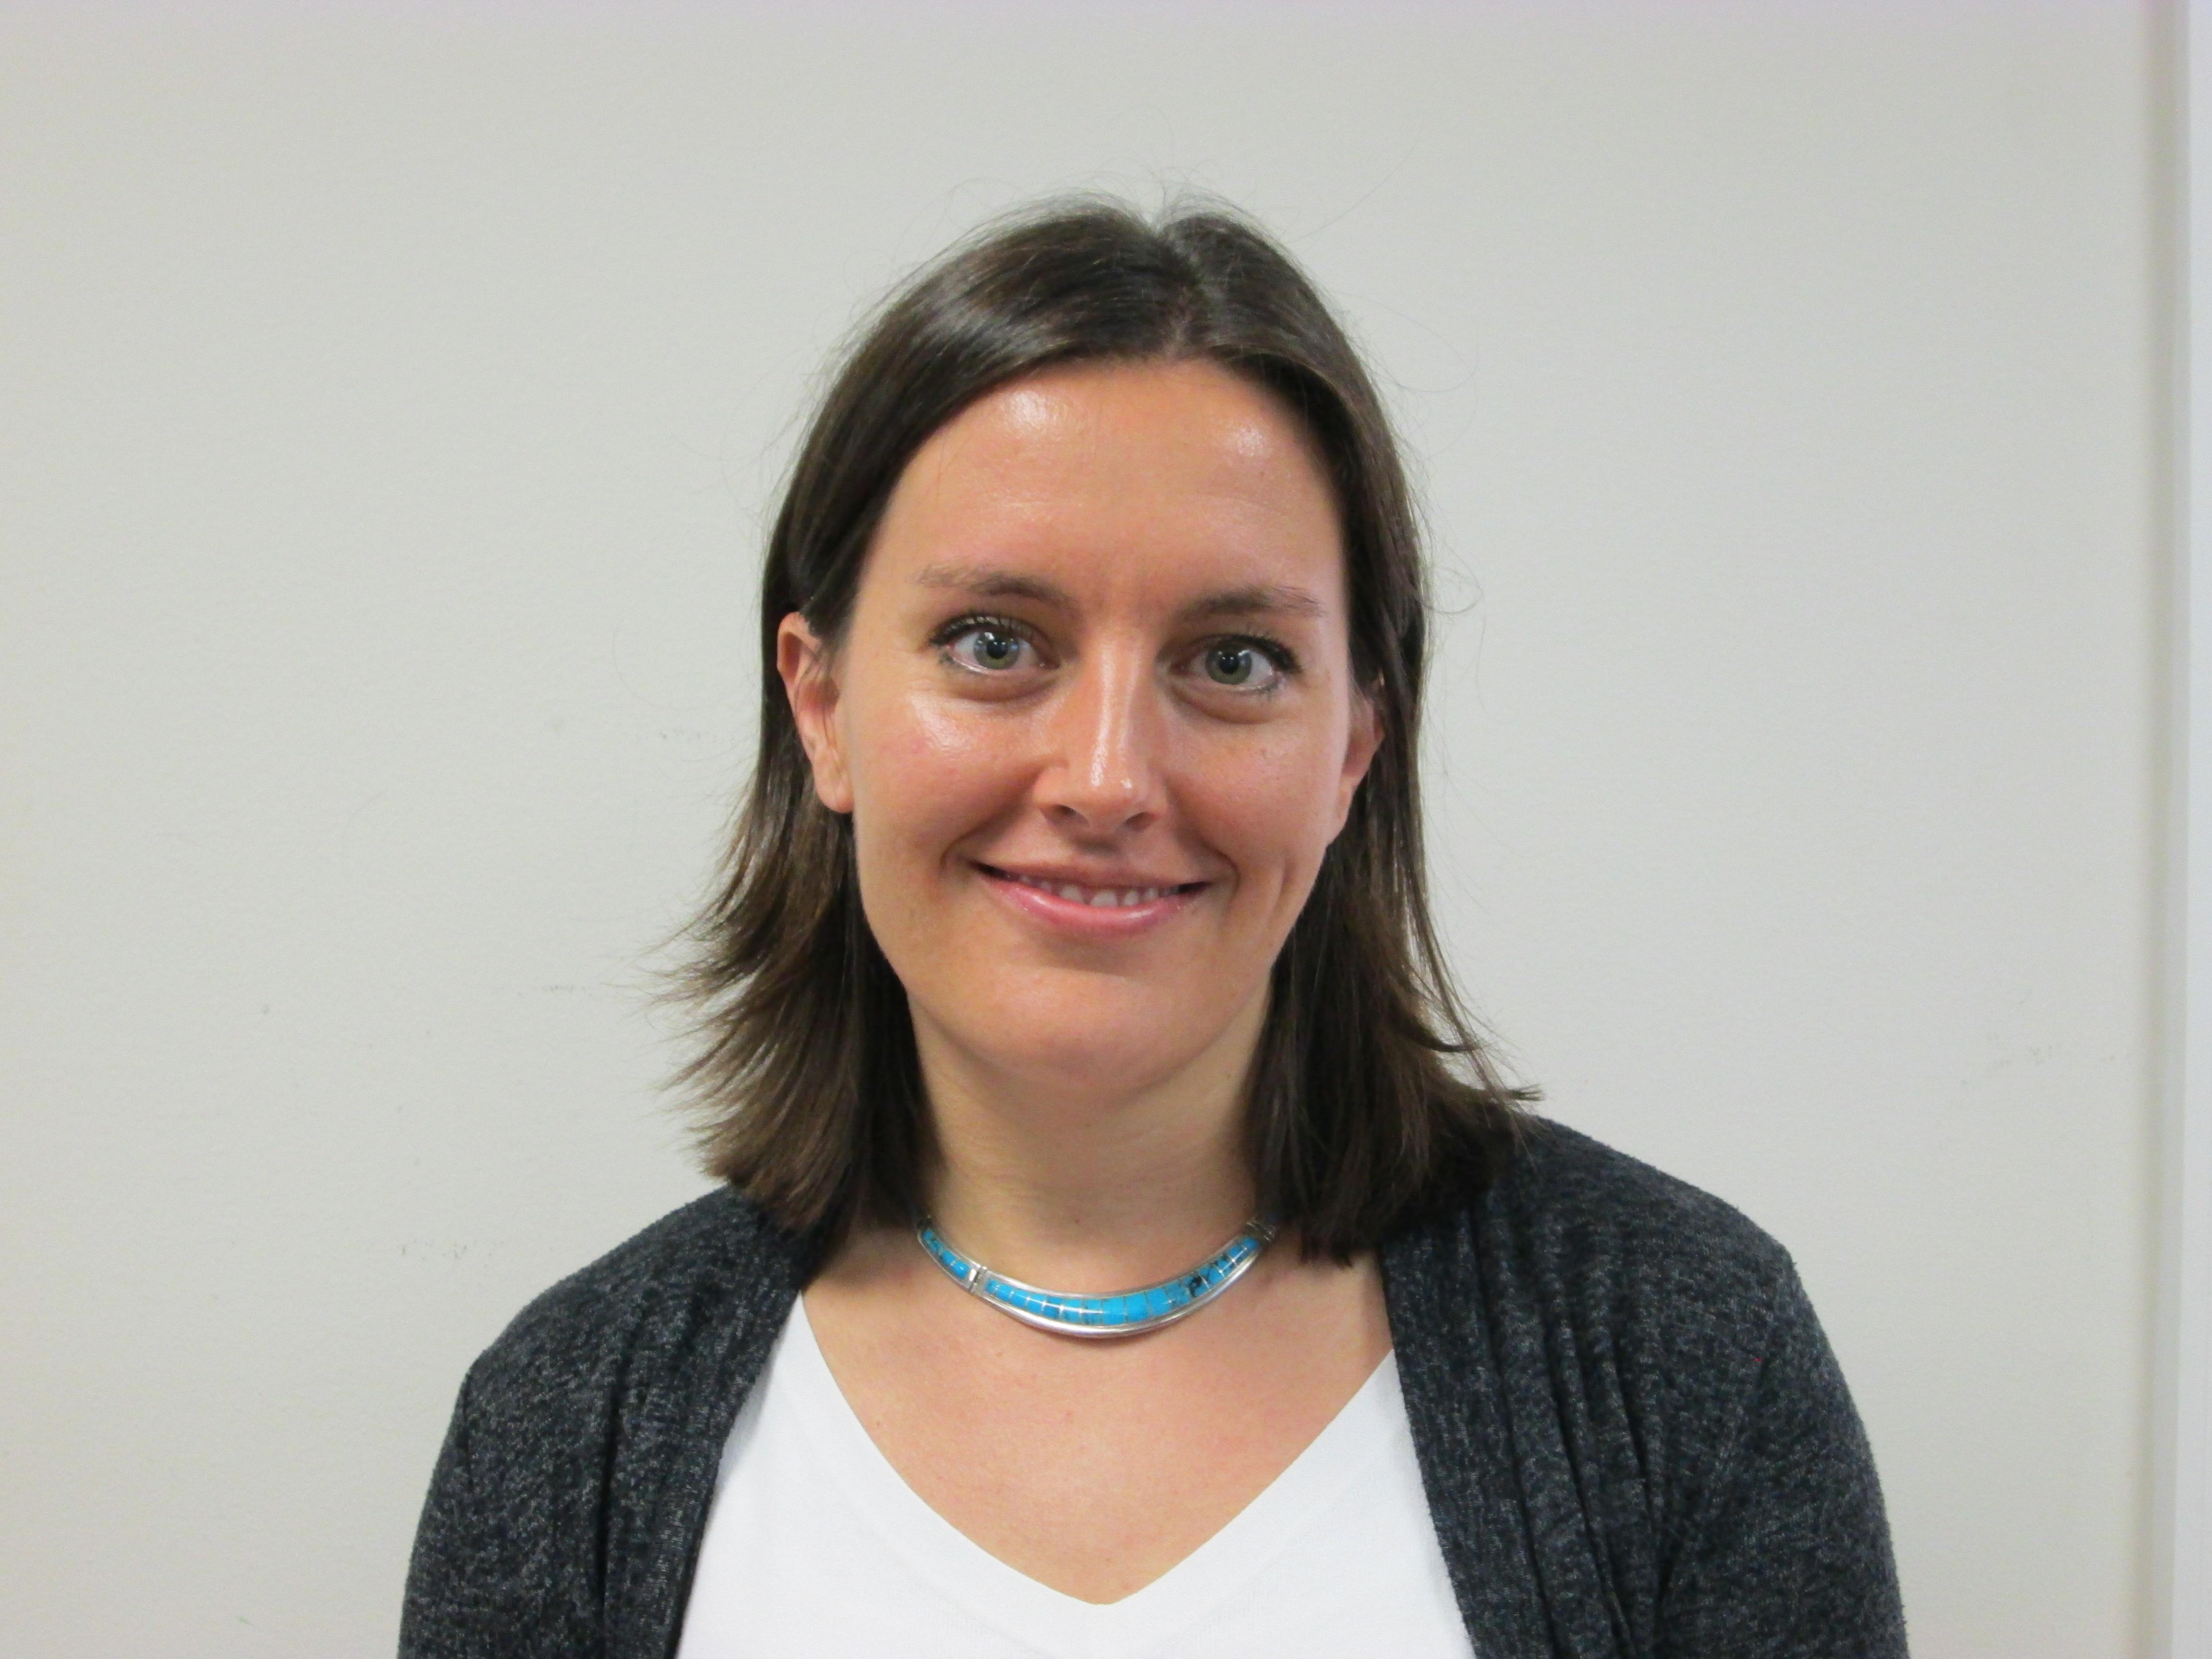 Hanna Fuhr, MD